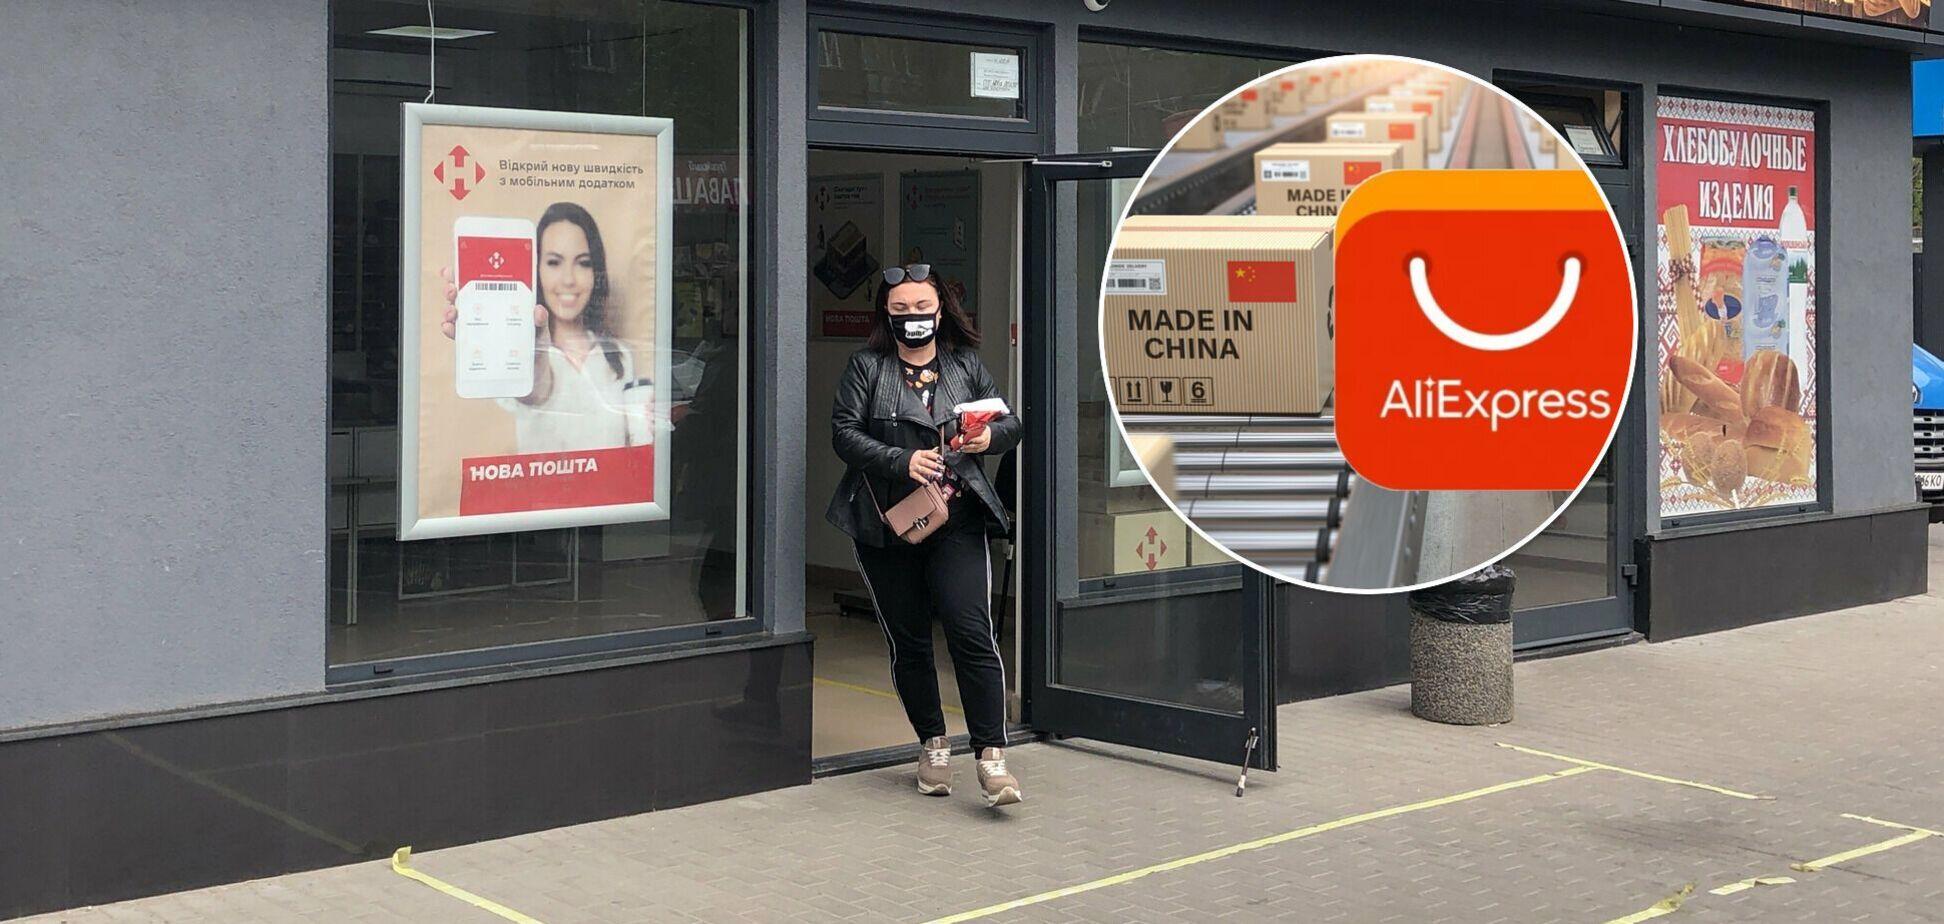 'Новая почта' уверяет, что не сотрудничает с AliExpress в вопросе возврата товаров